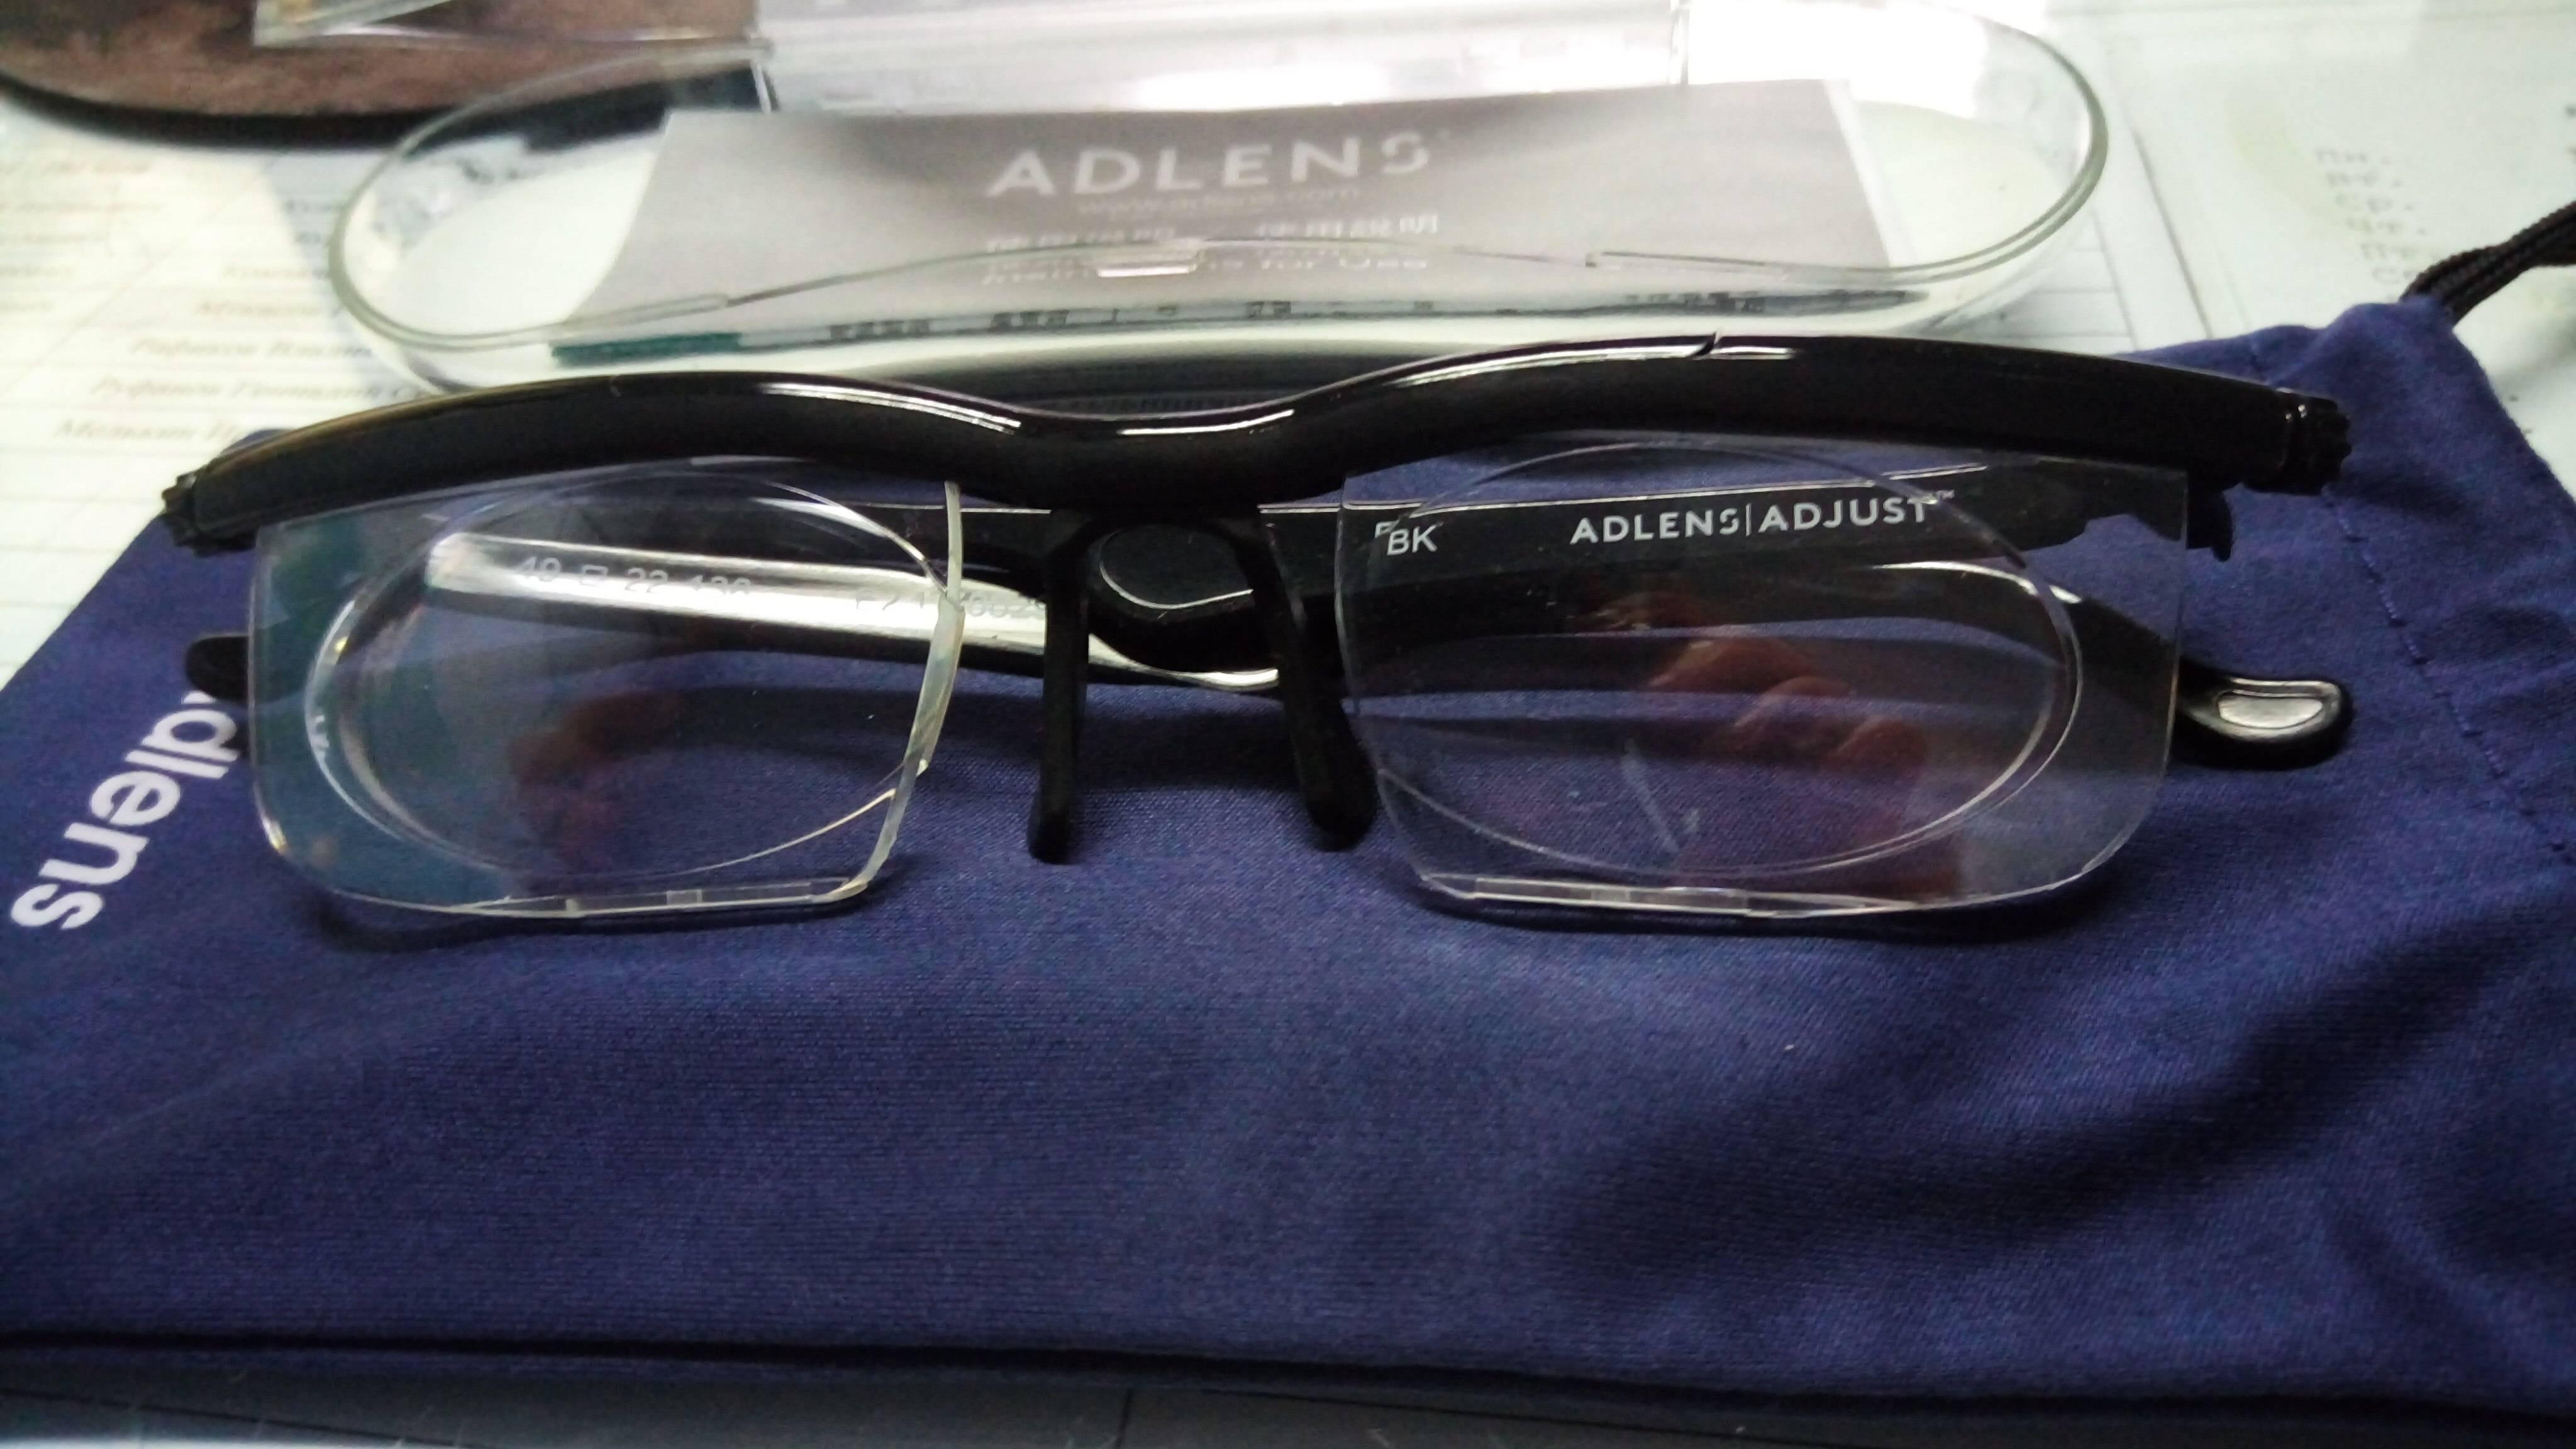 Регулируемые очки adlens — отзывы. негативные, нейтральные и положительные отзывы